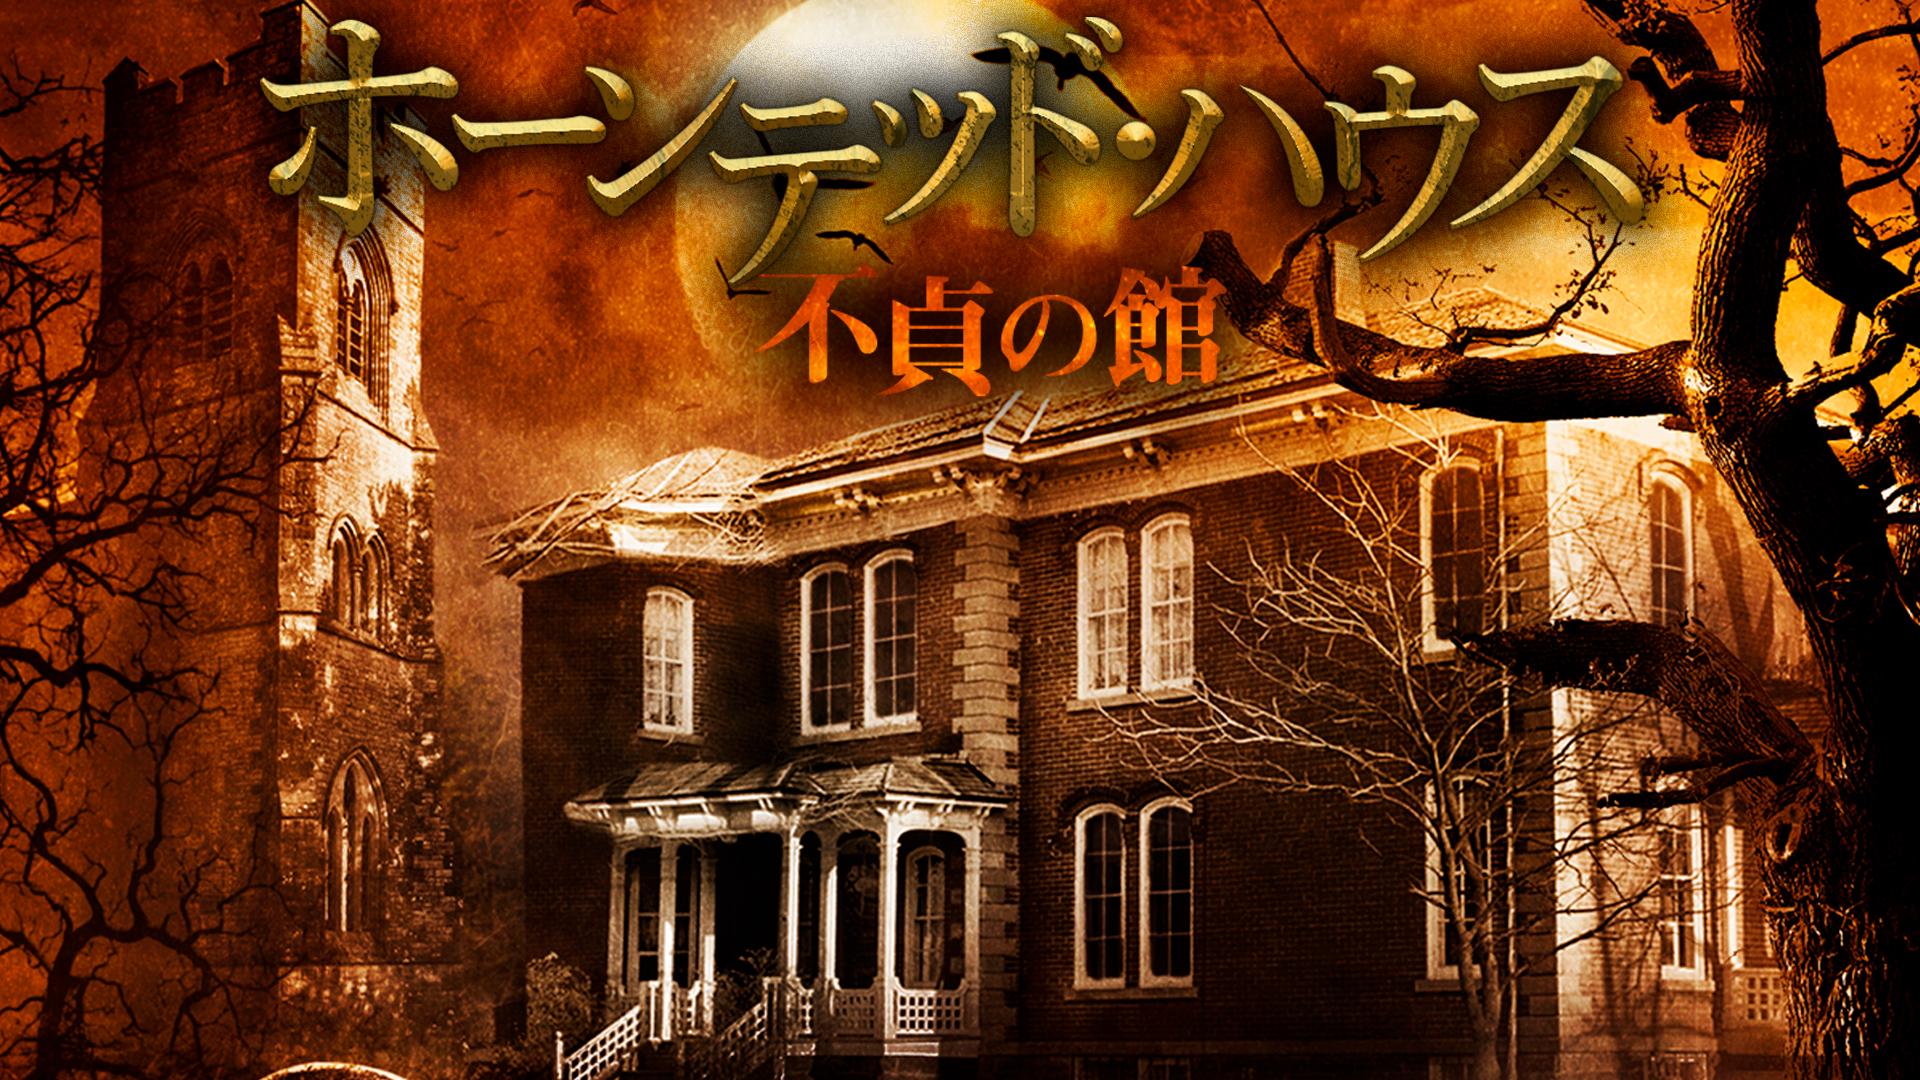 ホーンテッド・ハウス 不貞の館(字幕版)